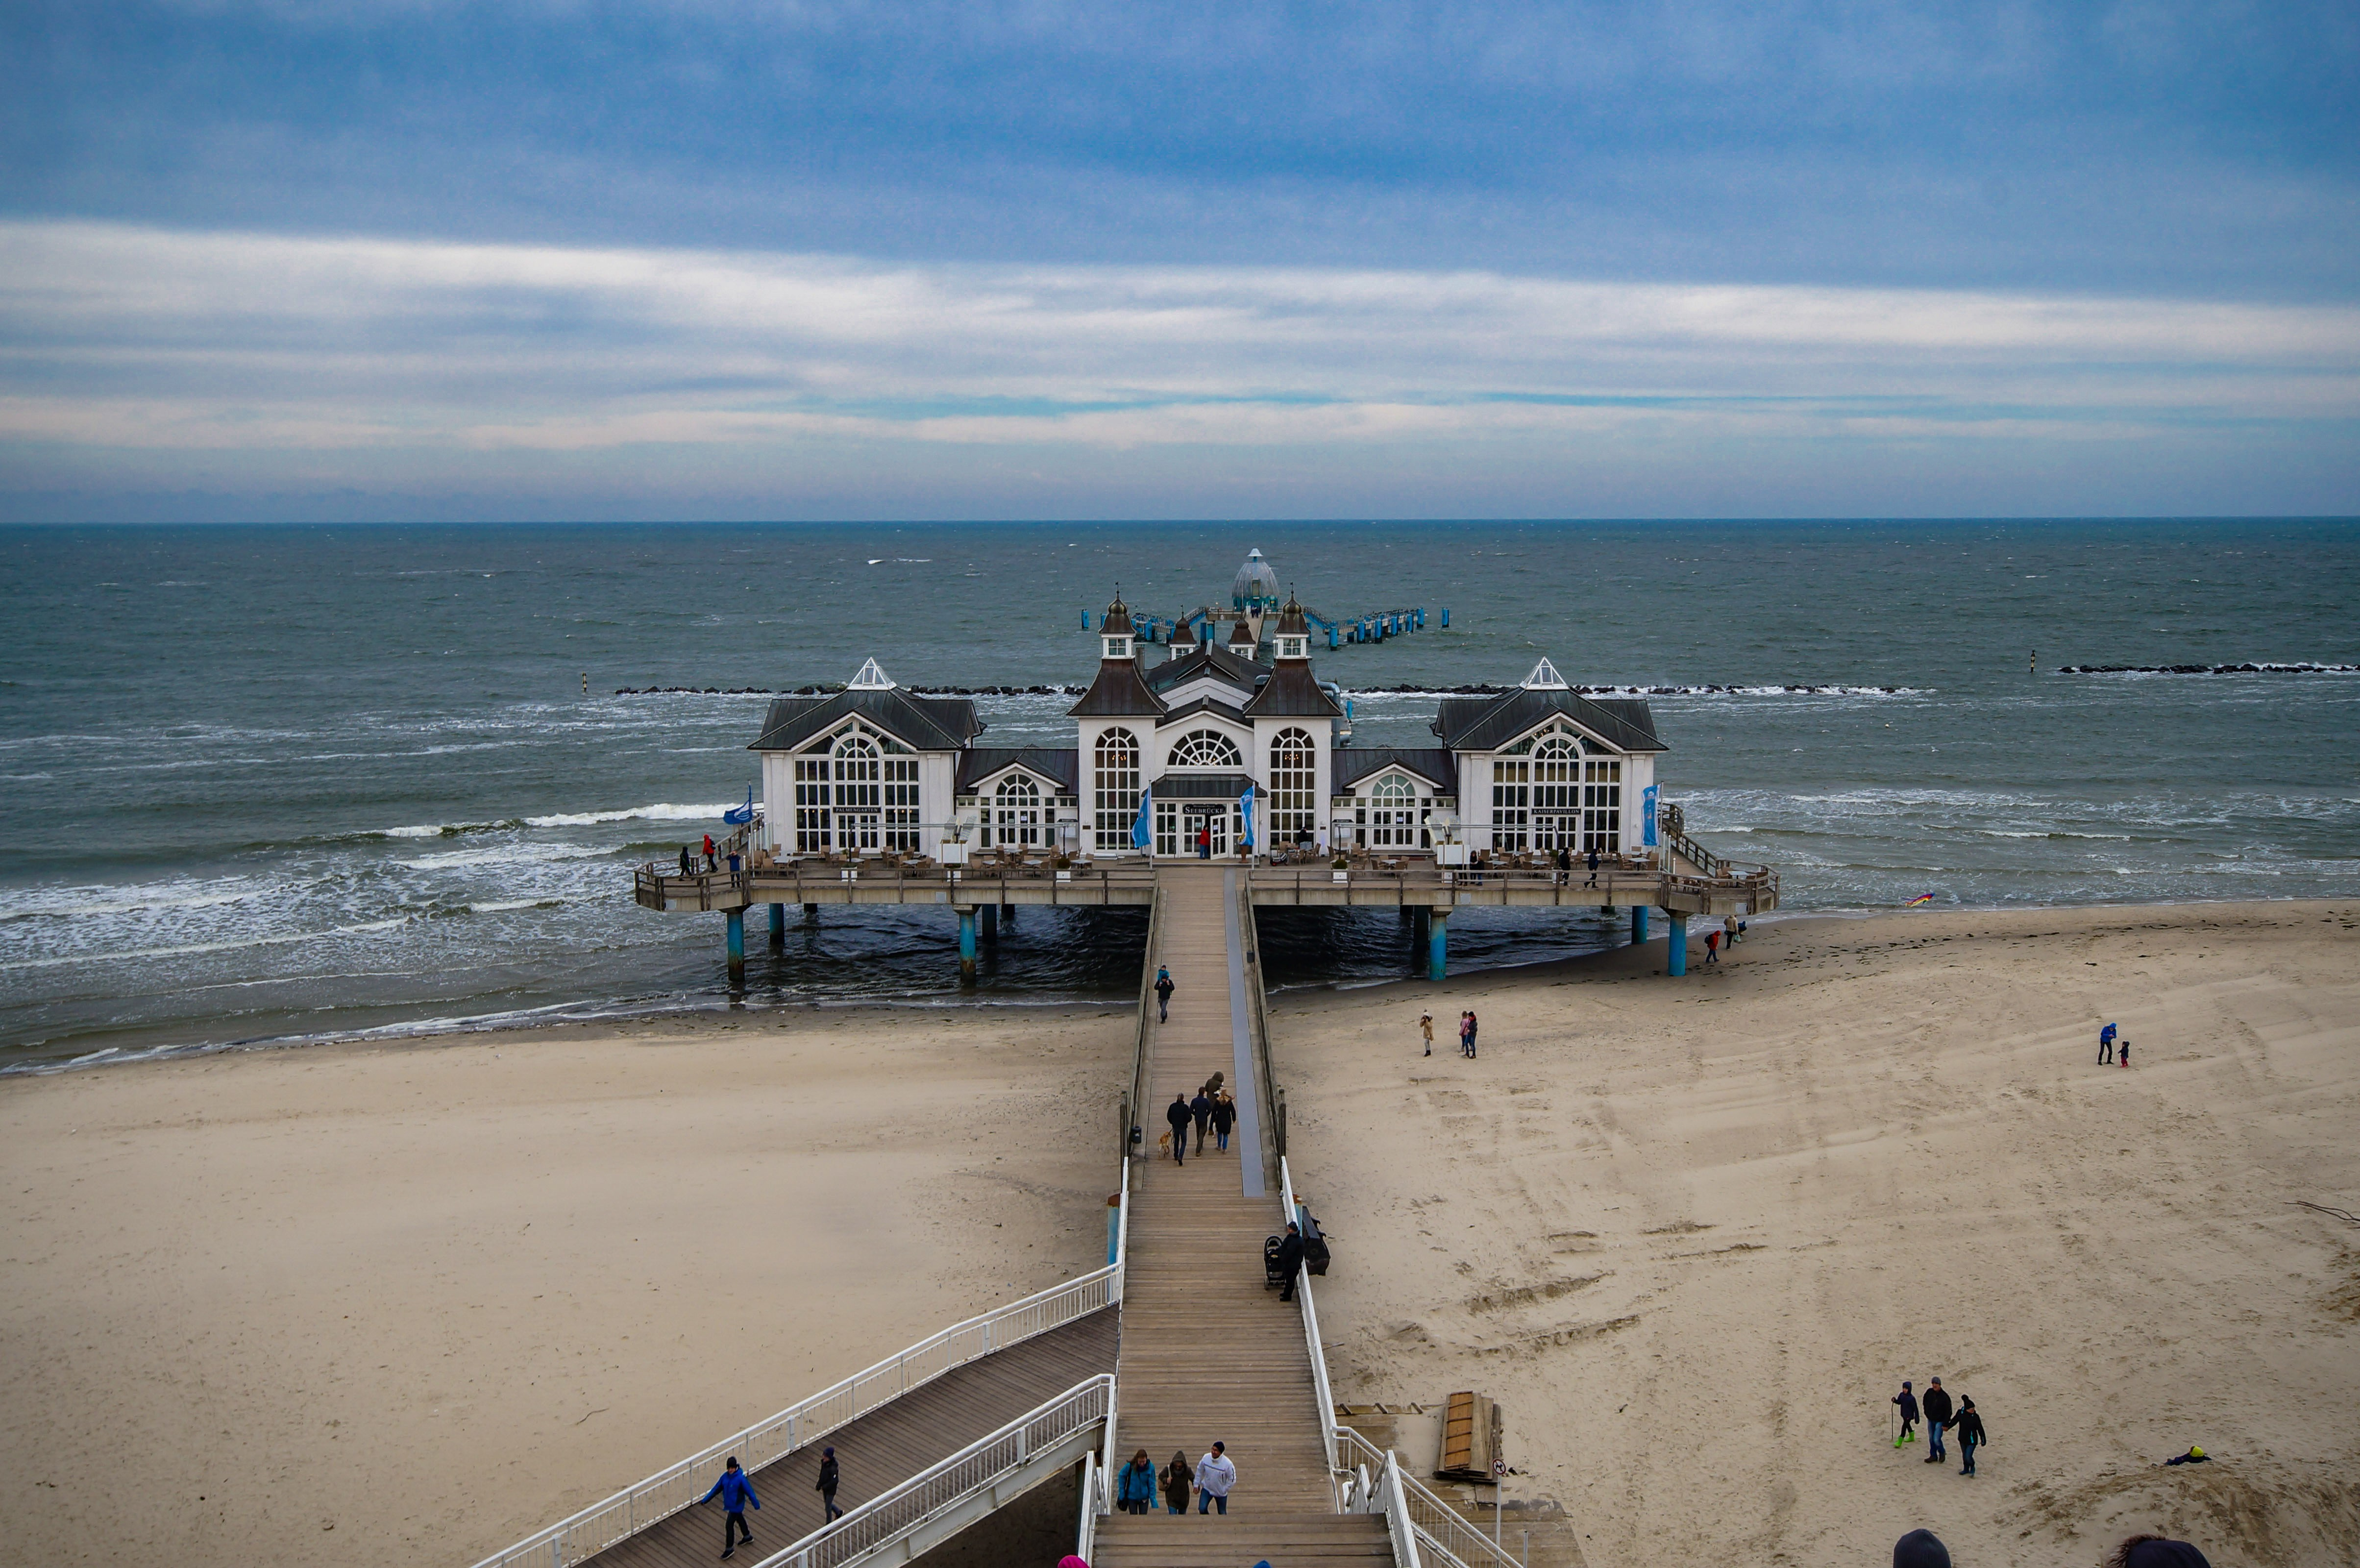 Rügen - Campen und Surfen an der Ostsee © Katetravels